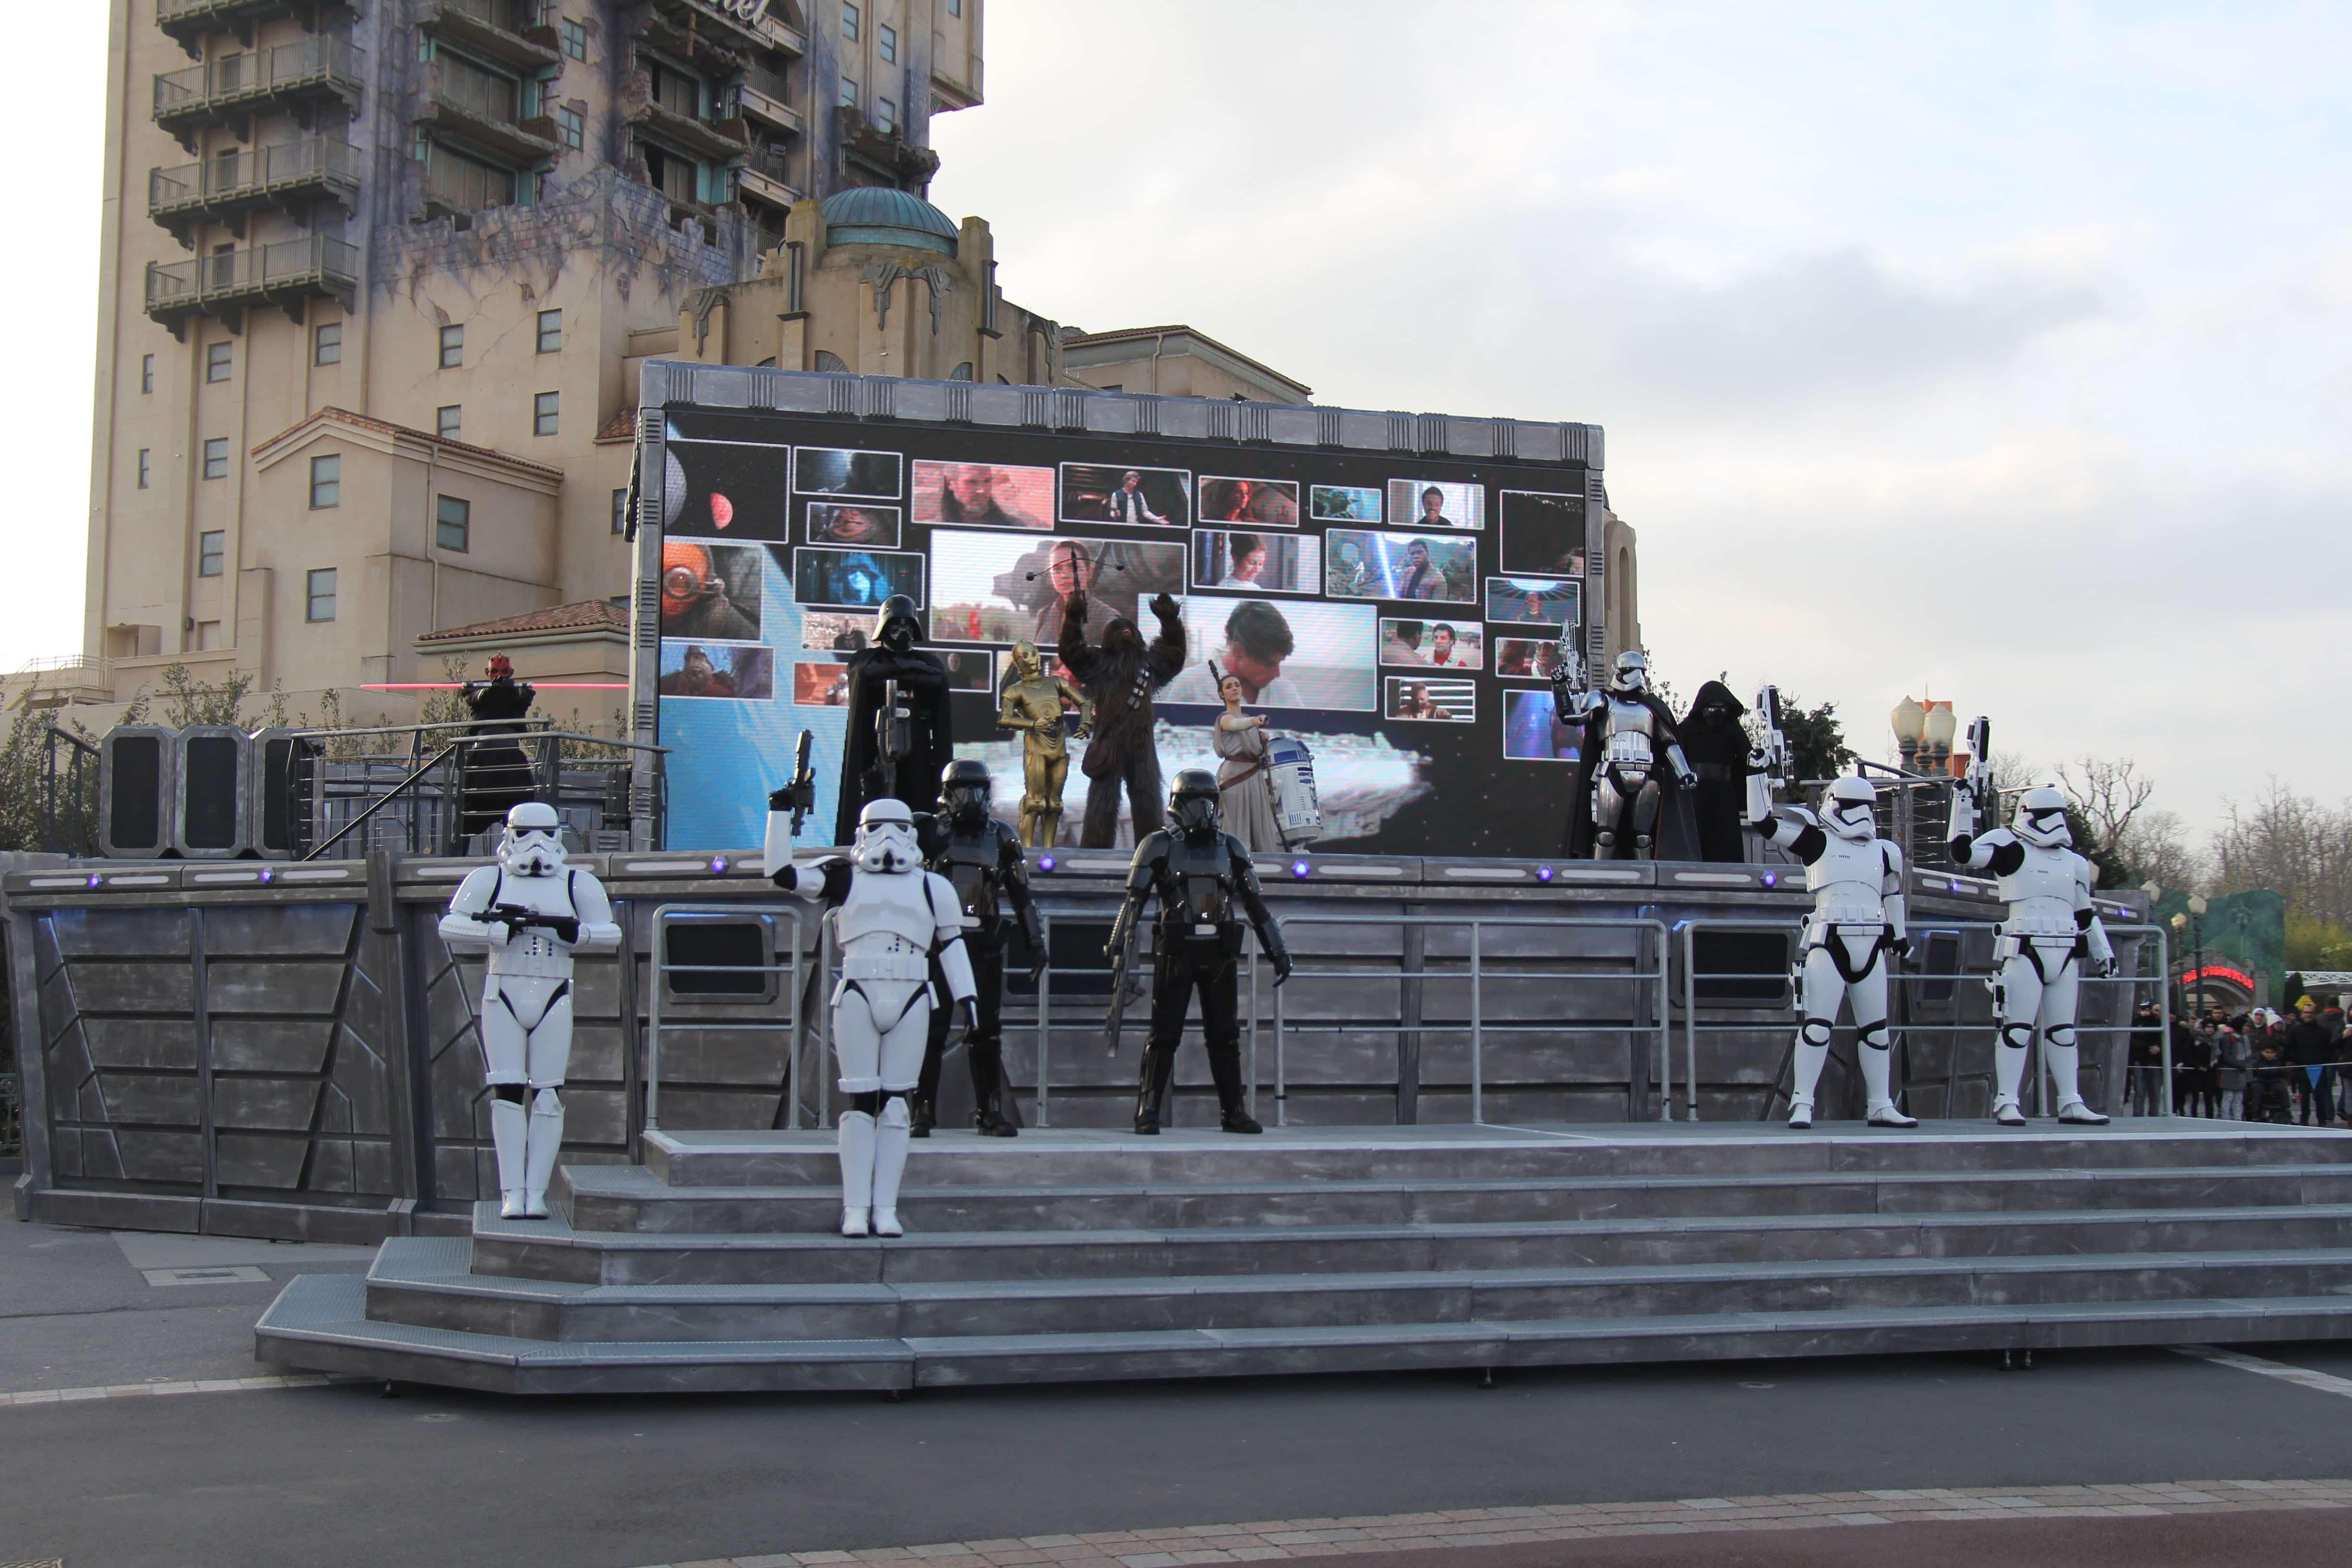 Disneyland Paris - Season of the Force 2018 - A Galaxy Far Far Away (2)